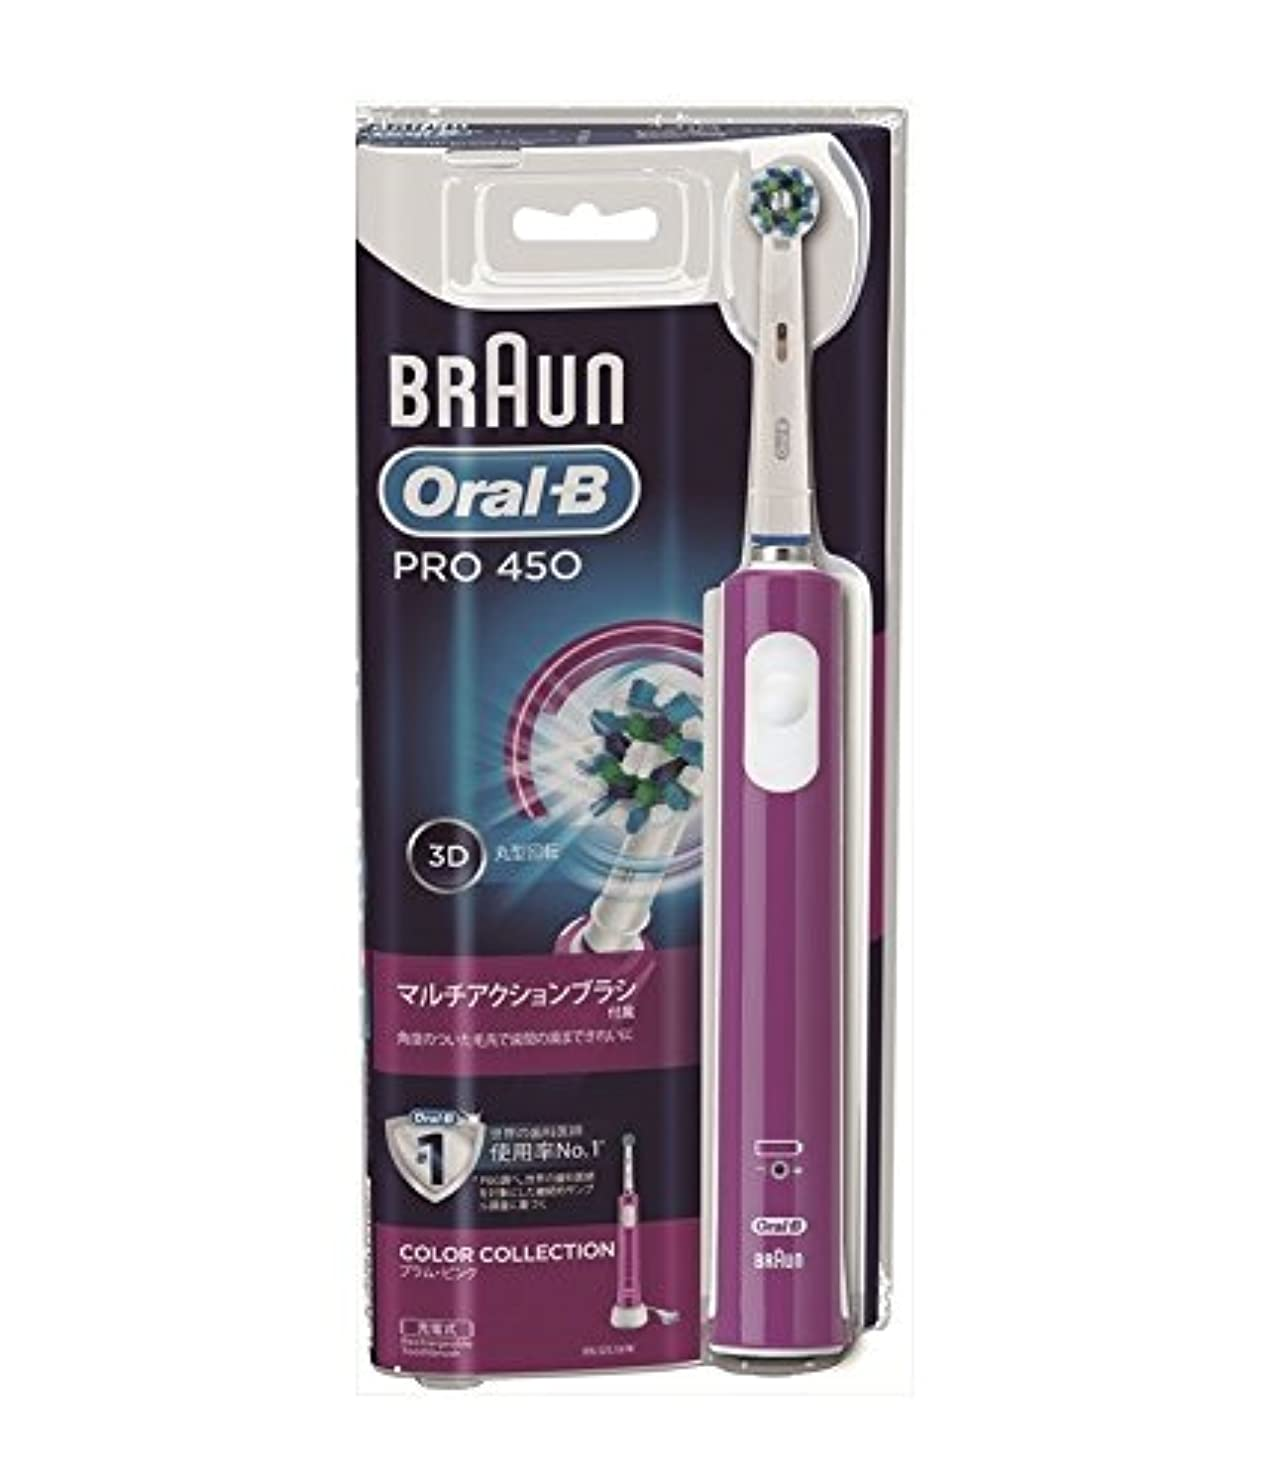 ブラケット奨励しますワットブラウン オーラルB 電動歯ブラシ PRO450 プラムピンク